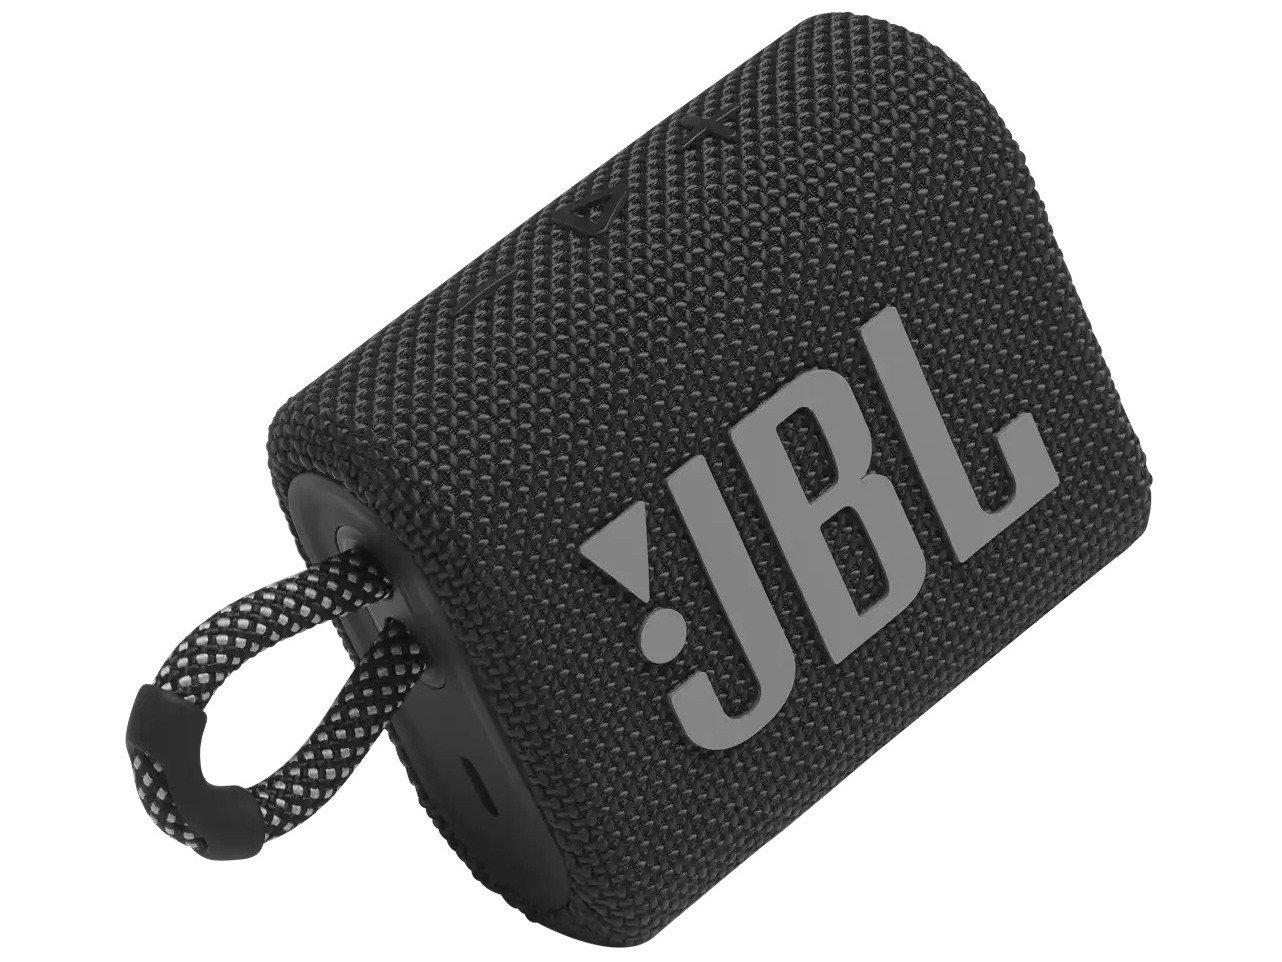 Caixa de Som Portátil JBL Go 3 com Bluetooth e À Prova de Poeira e Água – Preto - 1